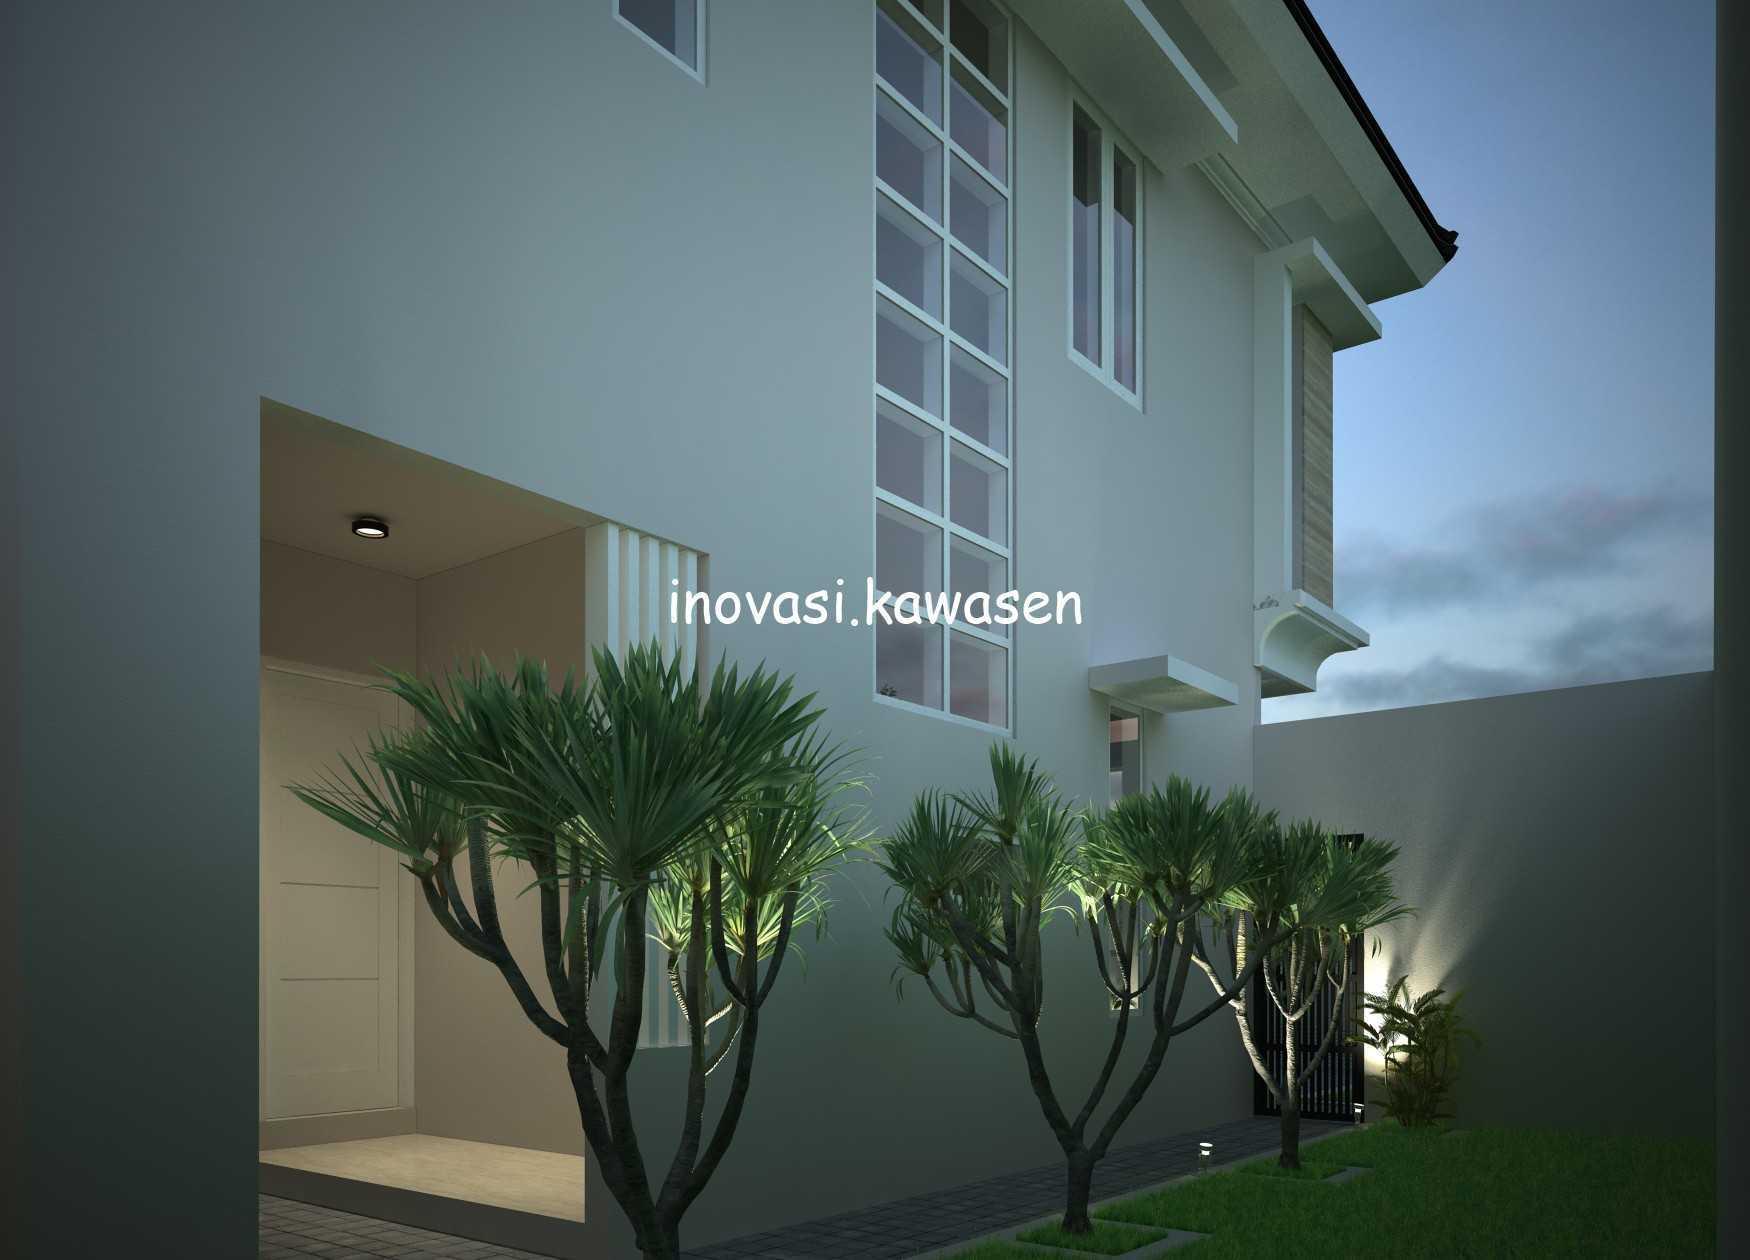 Inovasi Kawasen Rumah Tinggal Bpk. Ricky Kota Depok, Jawa Barat, Indonesia Kota Depok, Jawa Barat, Indonesia Inovasi-Kawasen-Rumah-Tinggal-Bpk-Ricky  89805